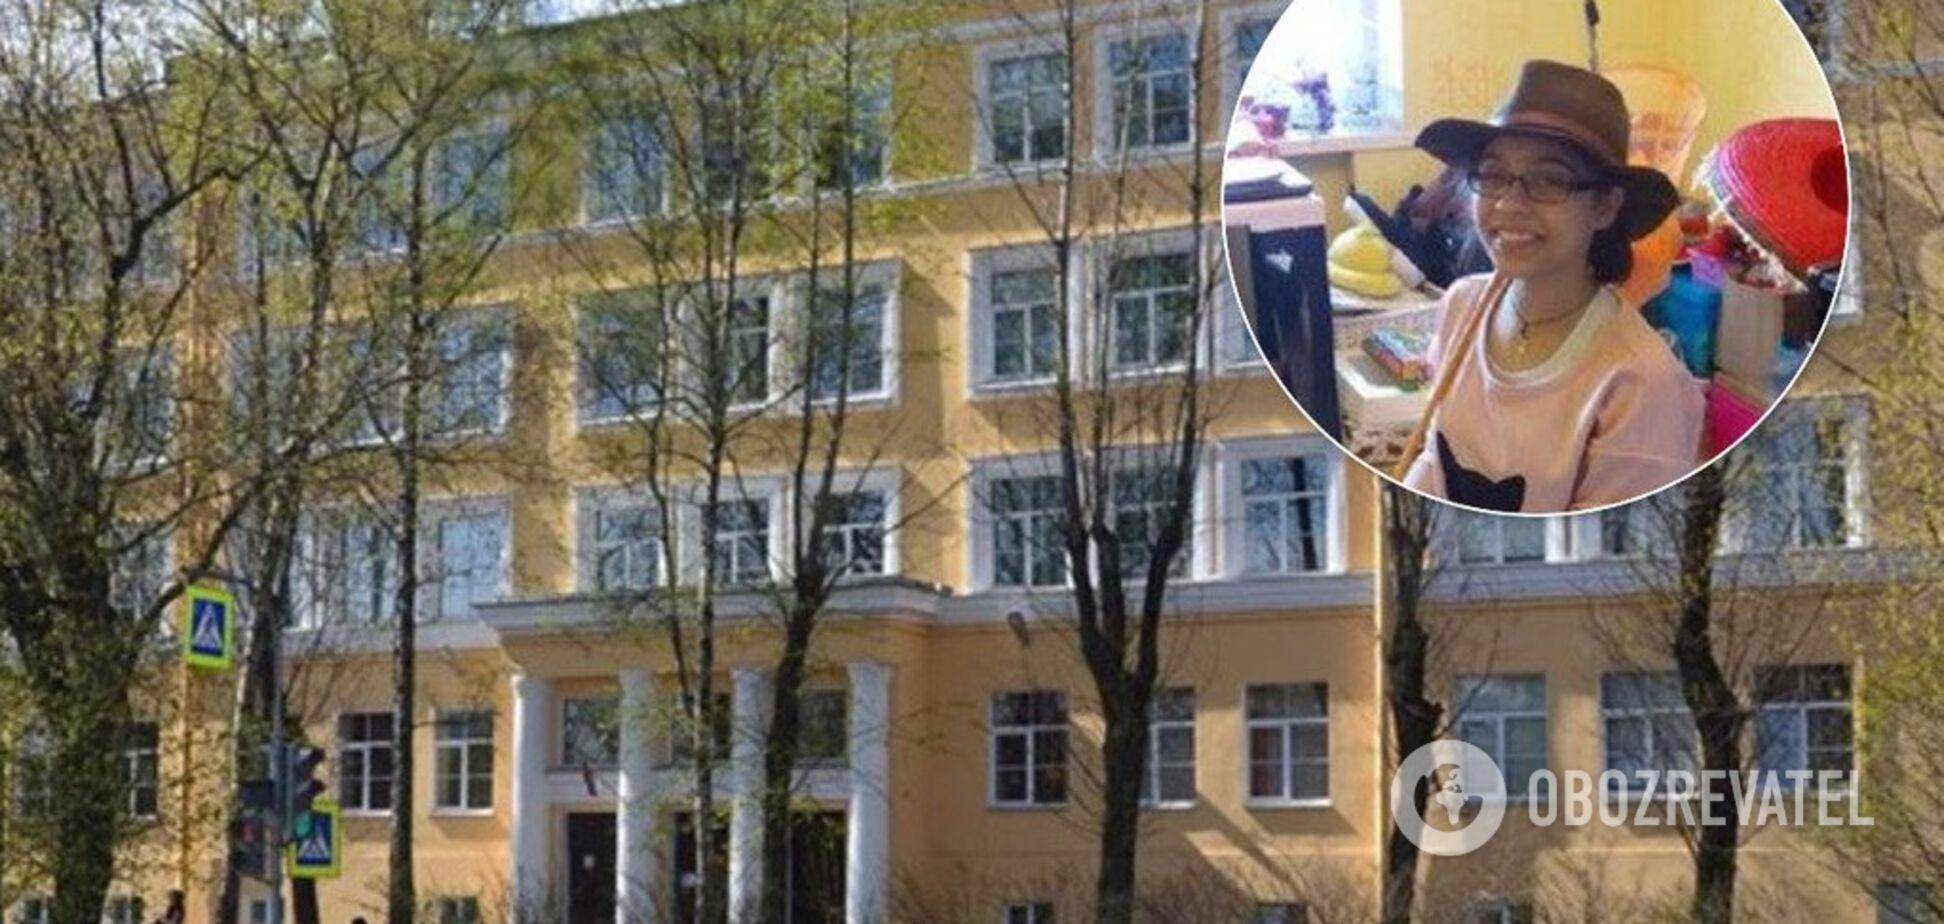 В сети провели жесткую аналогию между ЧП с детьми в школах Киева